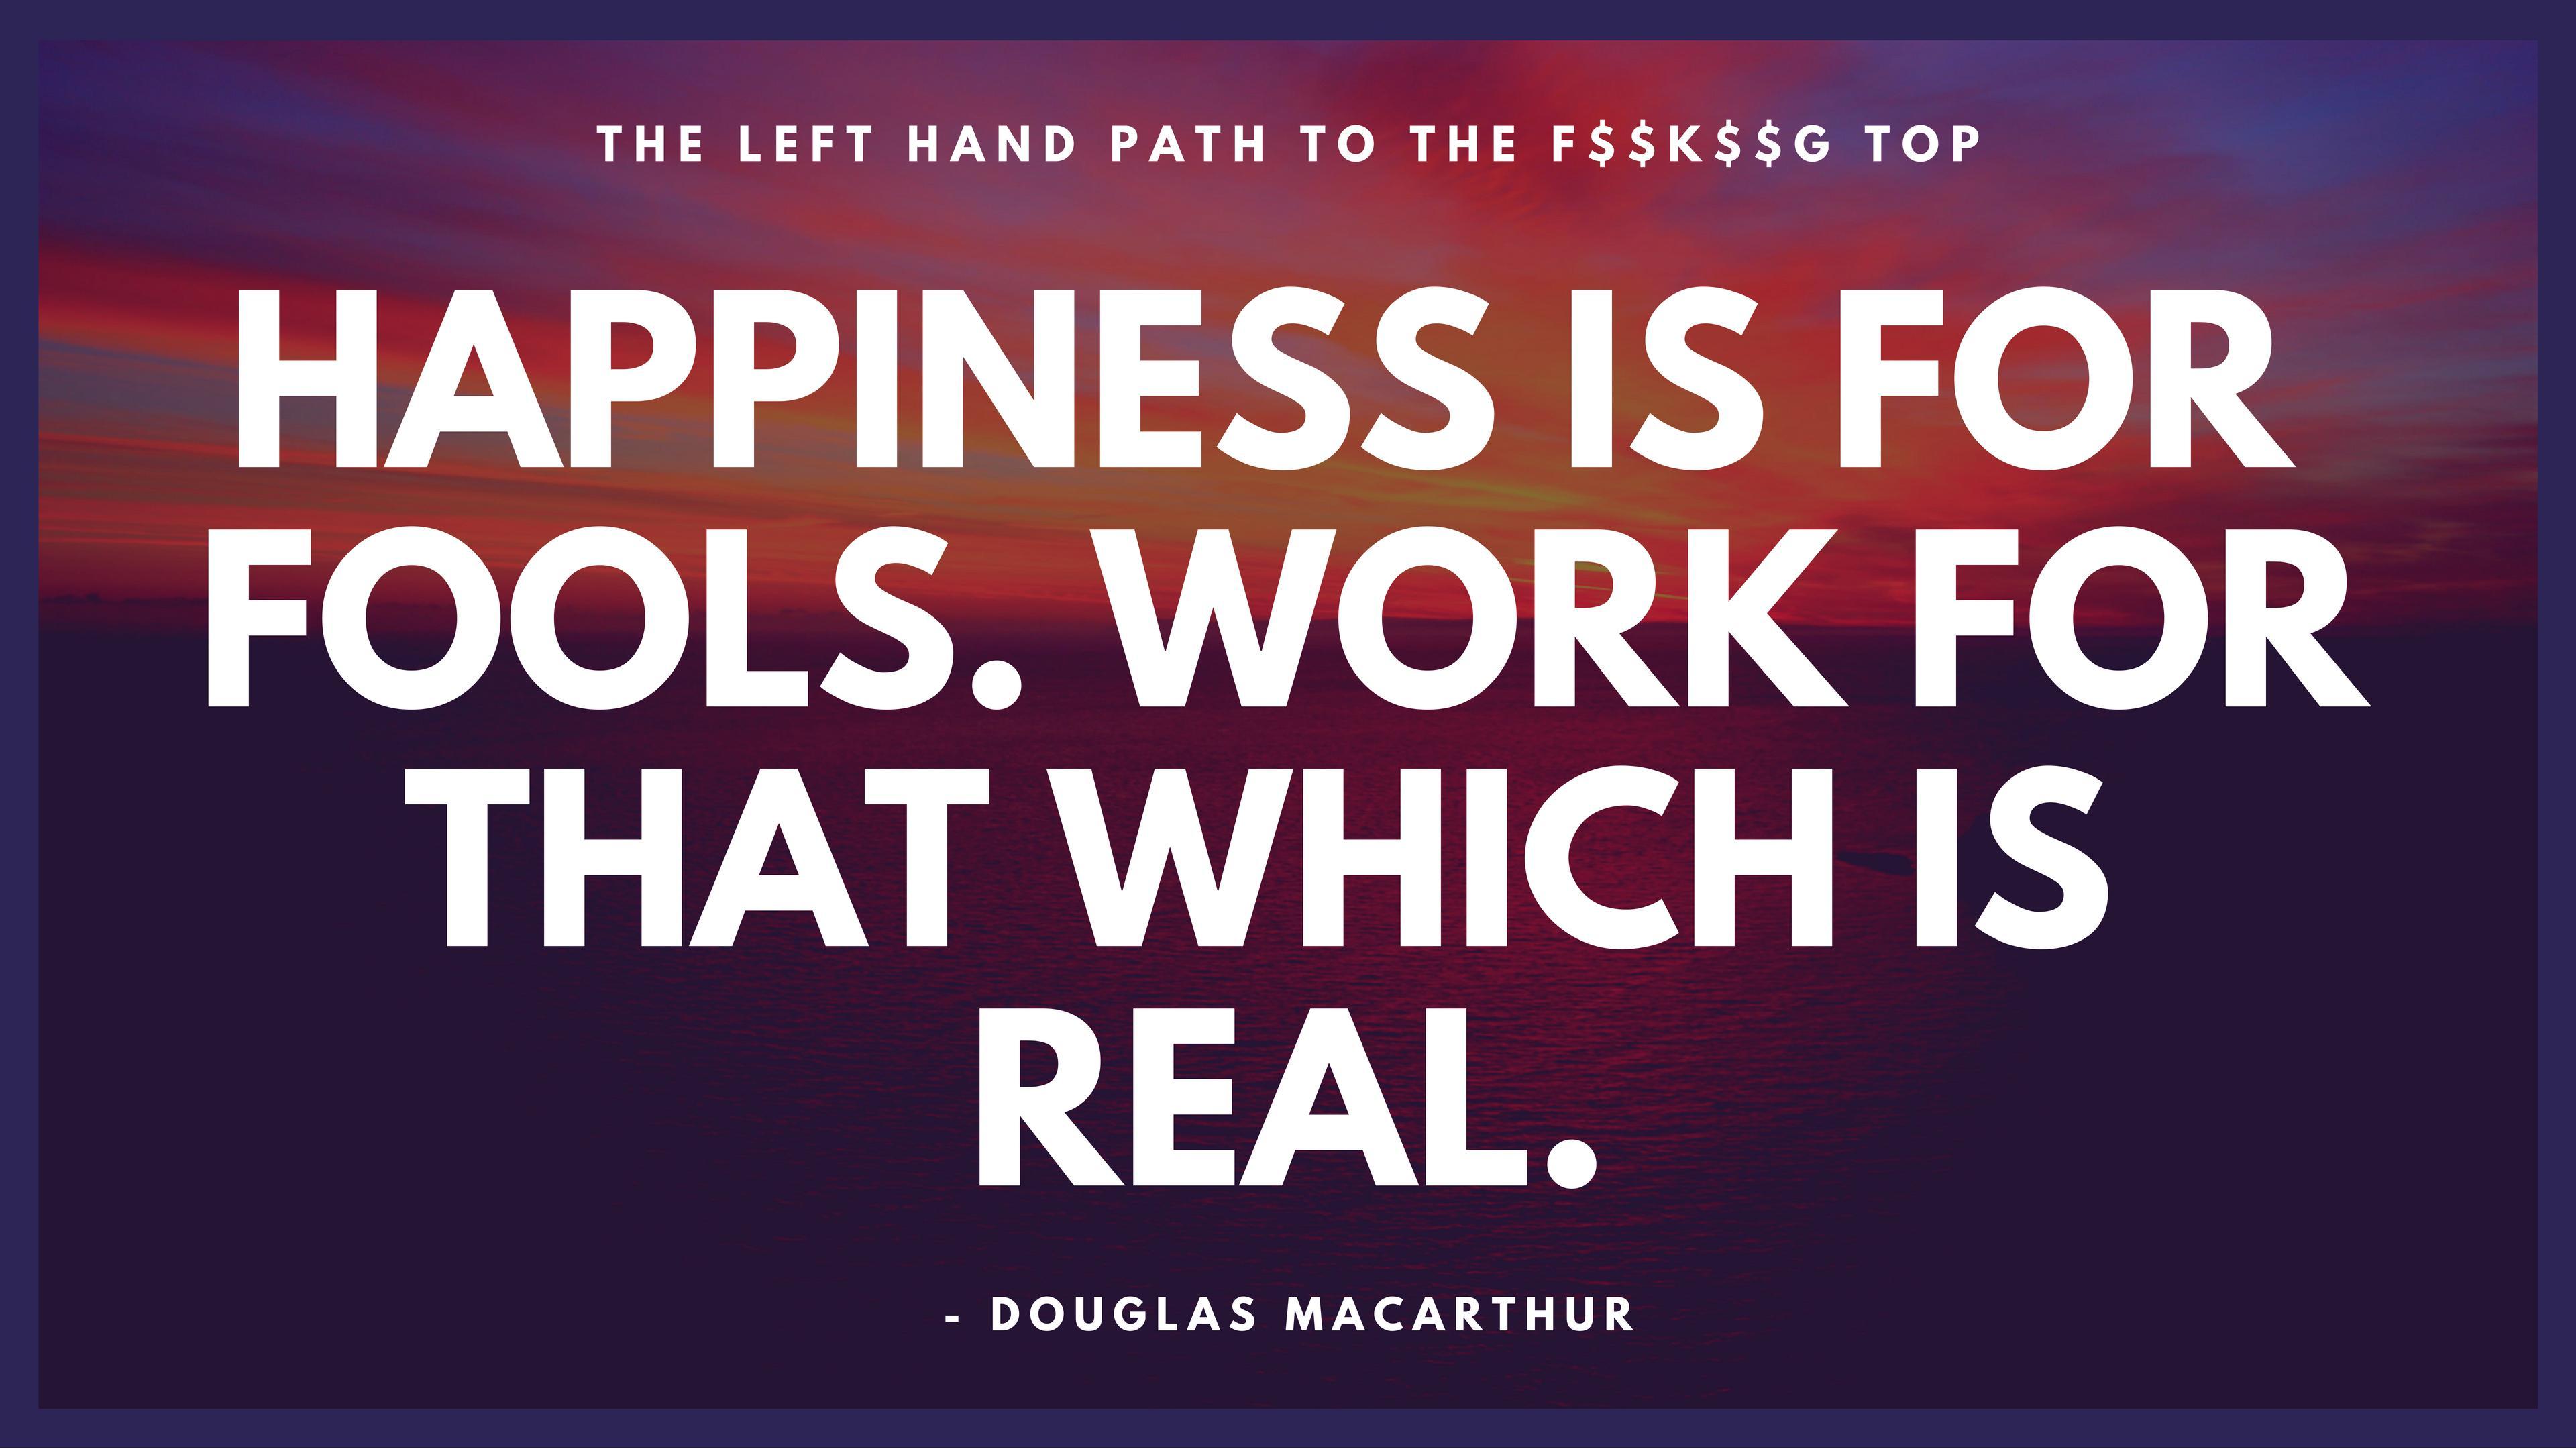 TTTTTTTTTTTTTTTTTTTTTTTTTTTTTT HAPPINESS IS FOR FOOLS. WORK FOR THAT WHICH IS REAL. AAAAAAAAAAAAAAAA https://inspirational.ly